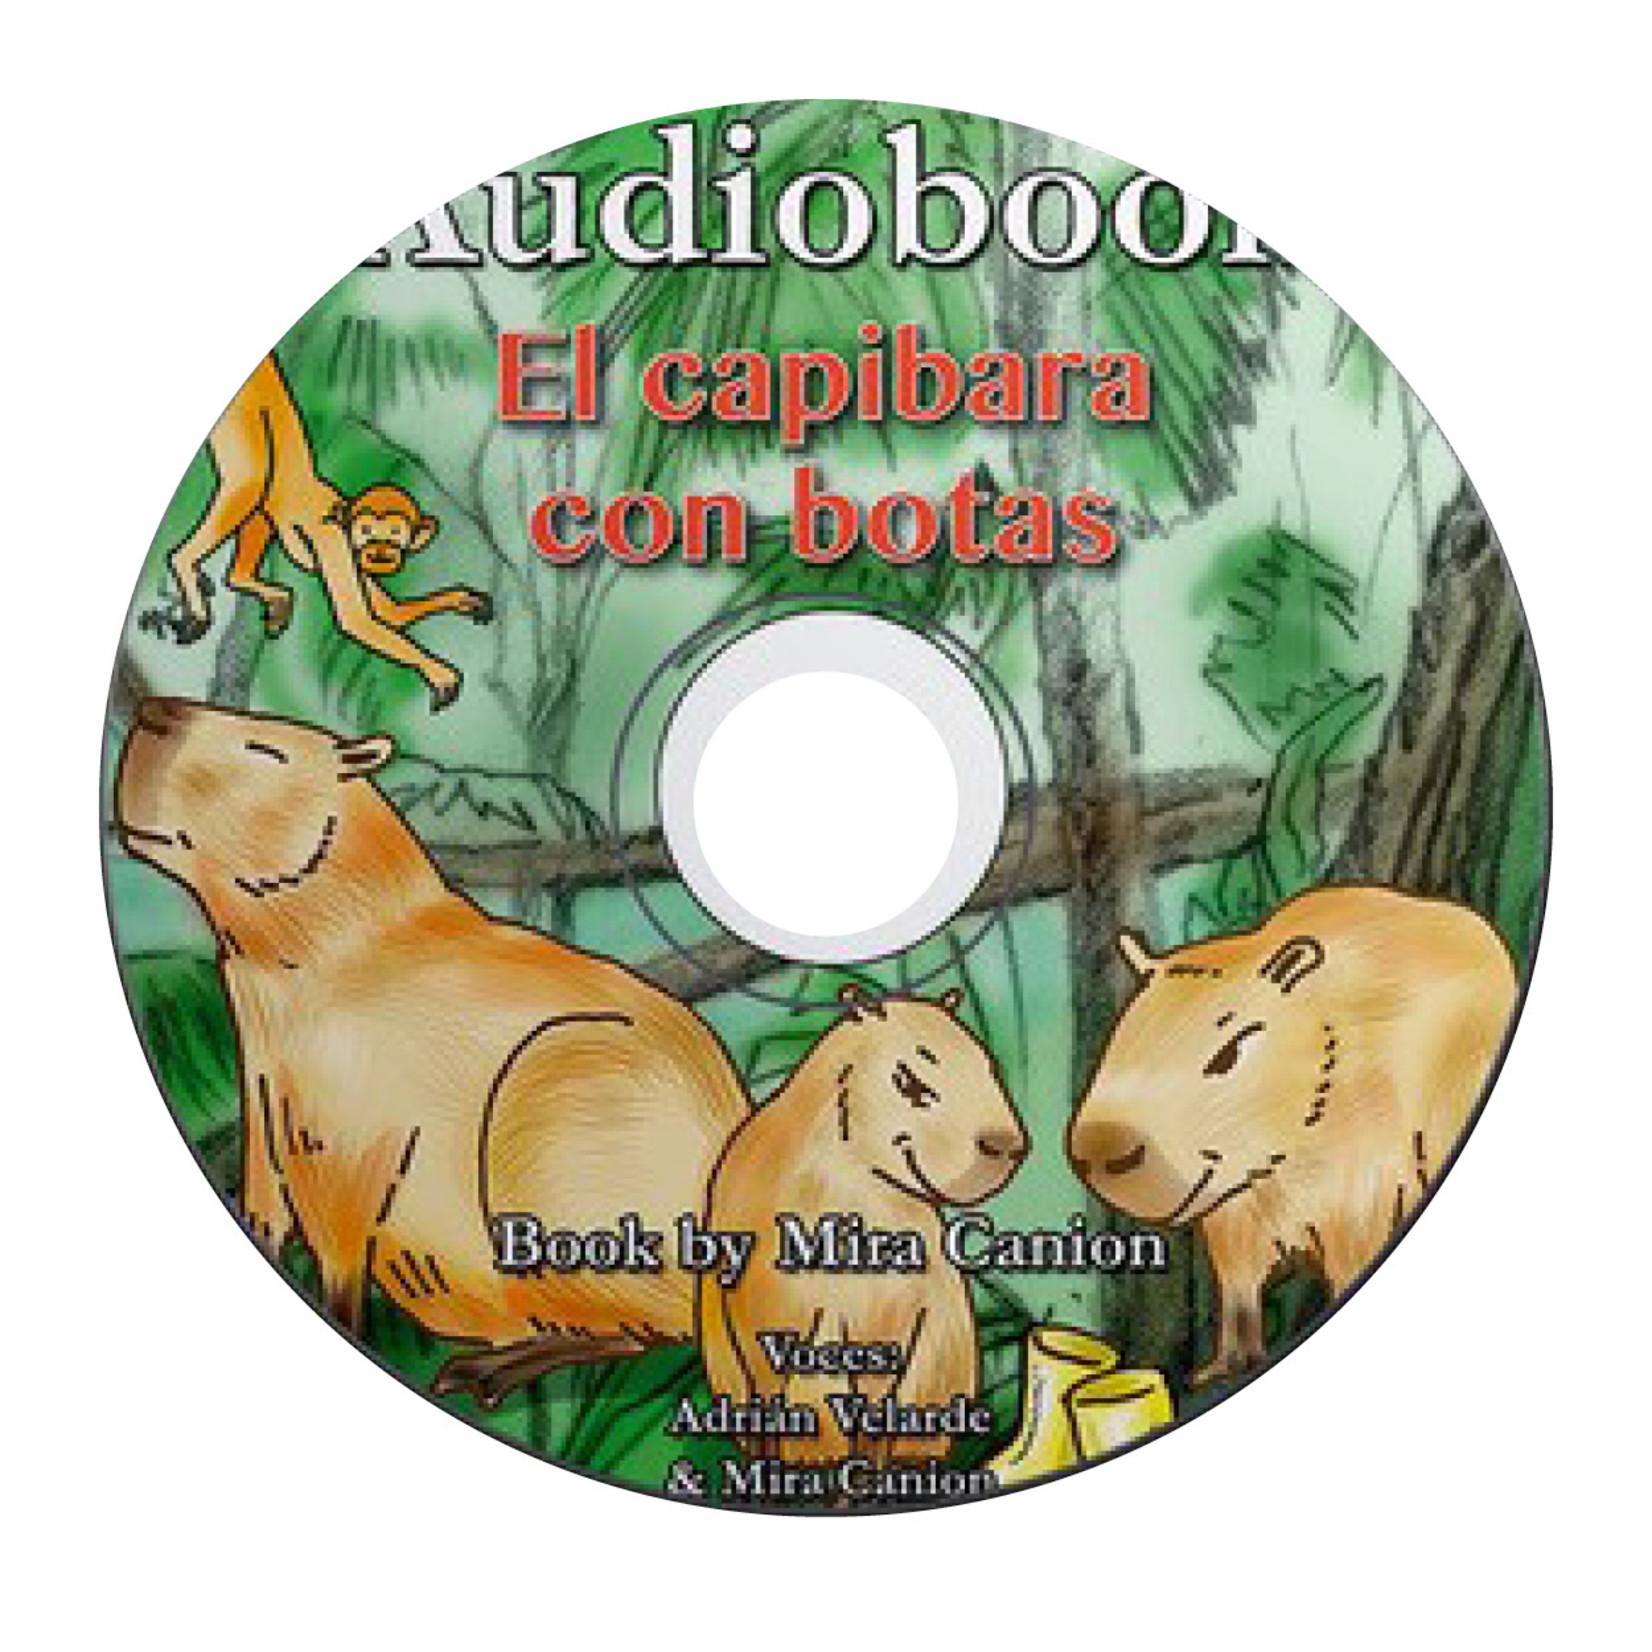 Mira Canion El Capibara con Botas - Audiobook